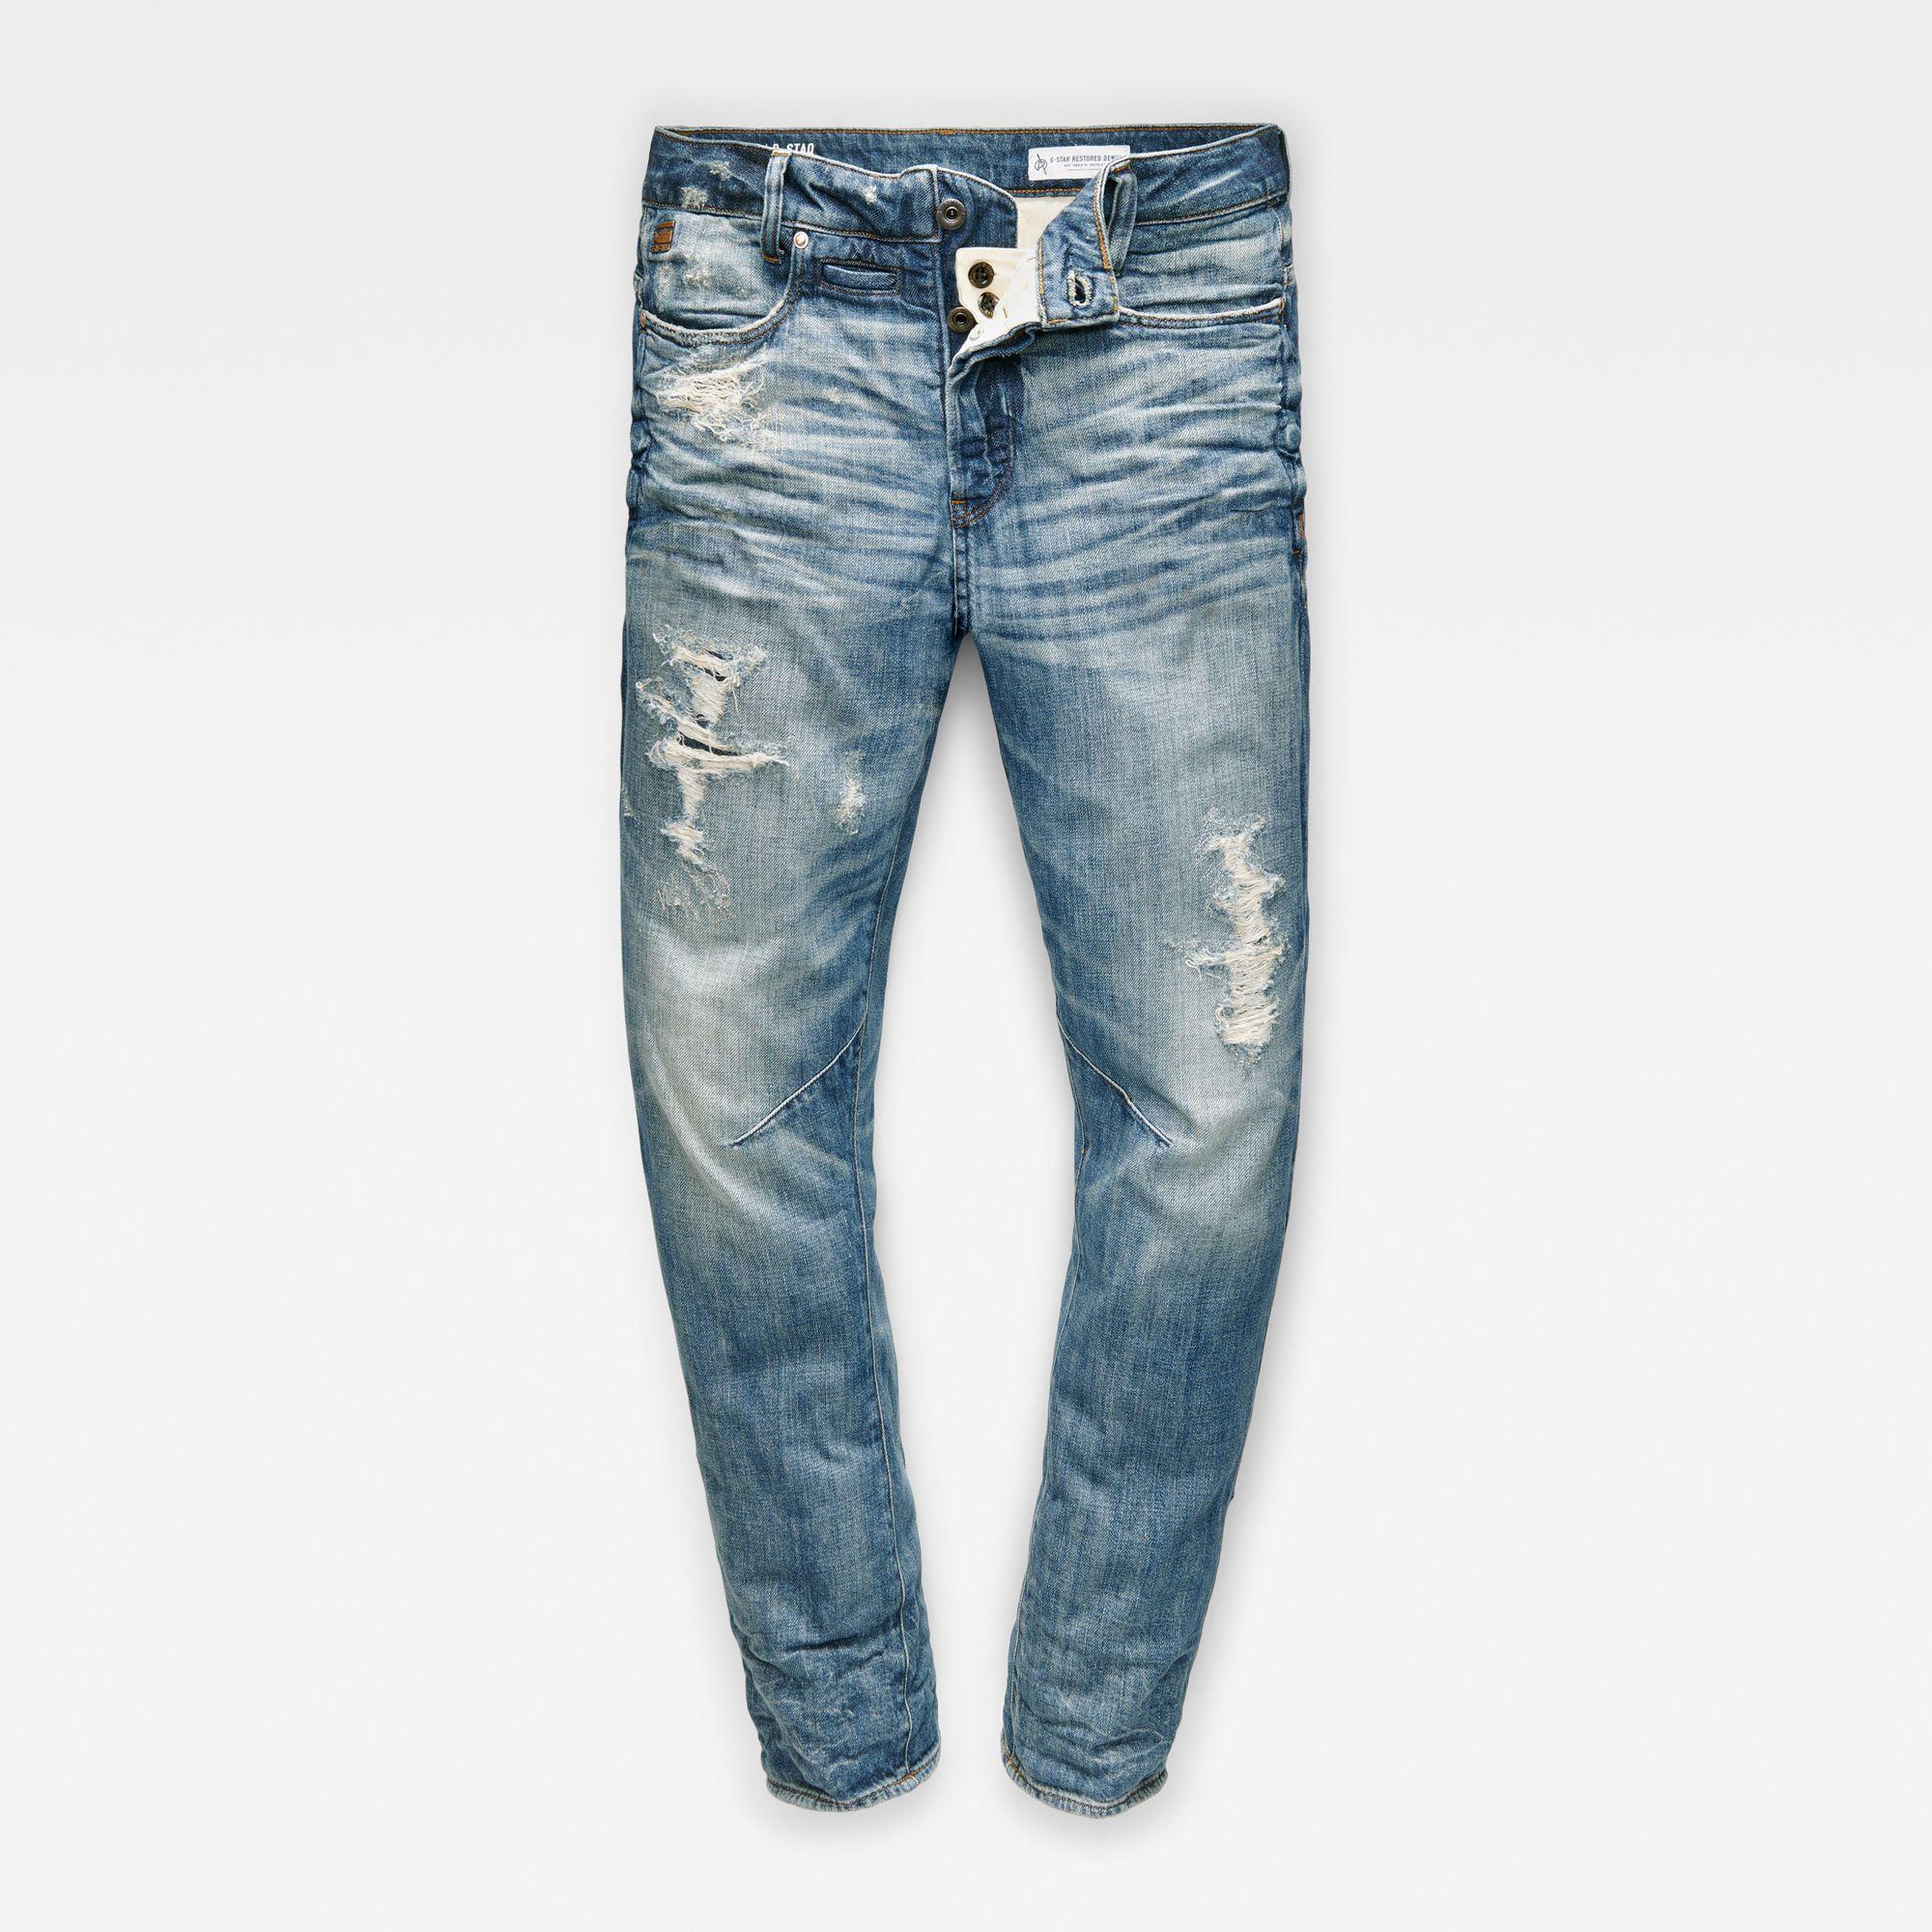 G-Star RAW Raw Essentials D-Staq 3D Tapered Jeans